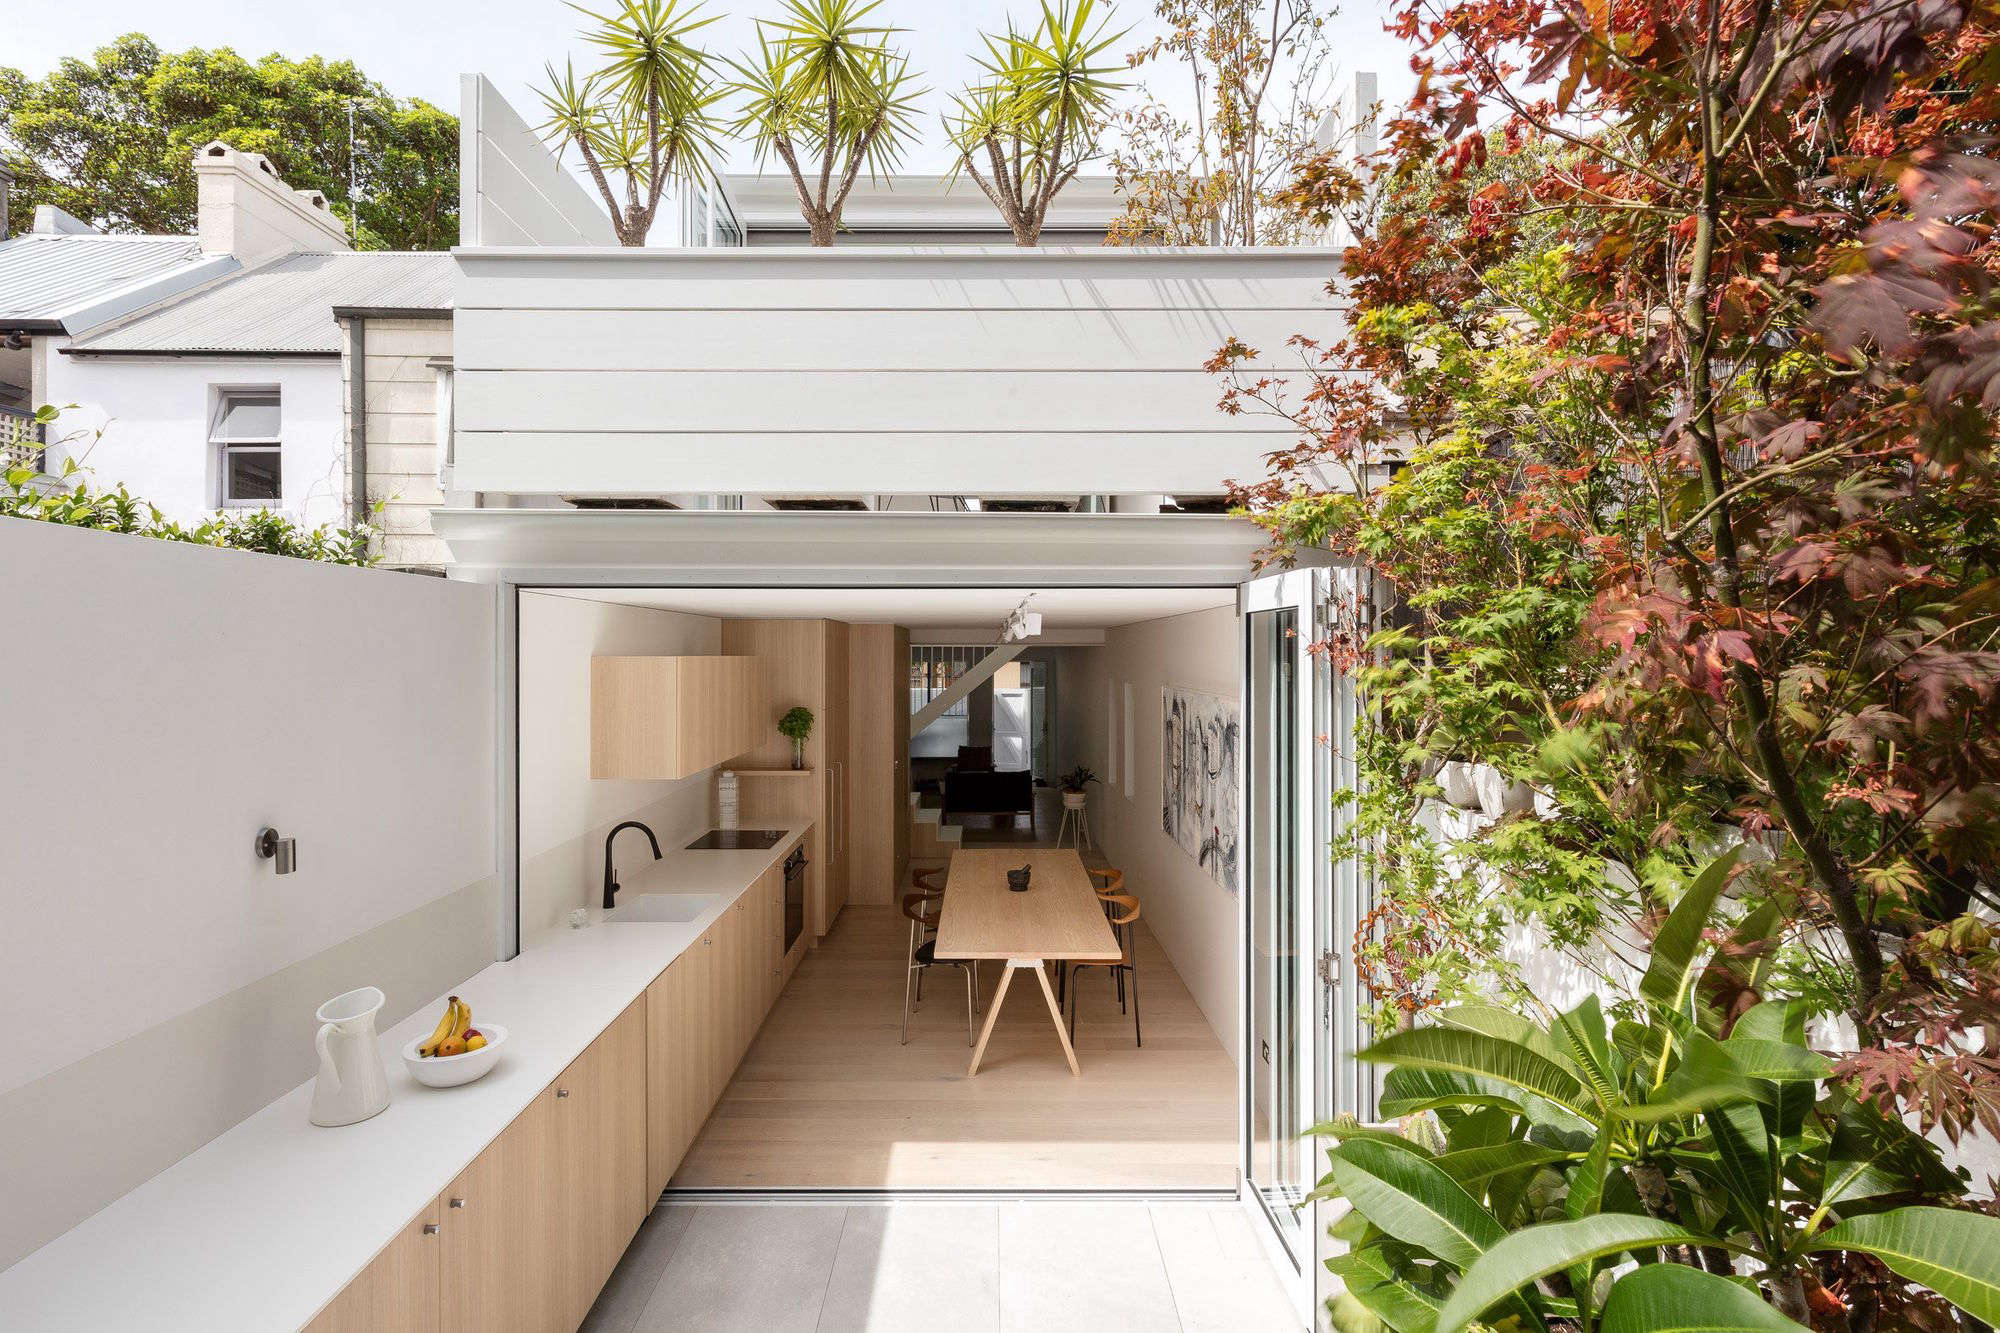 Architect visit an indoor outdoor kitchen in sydney gardenista - Reformas en casas pequenas ...